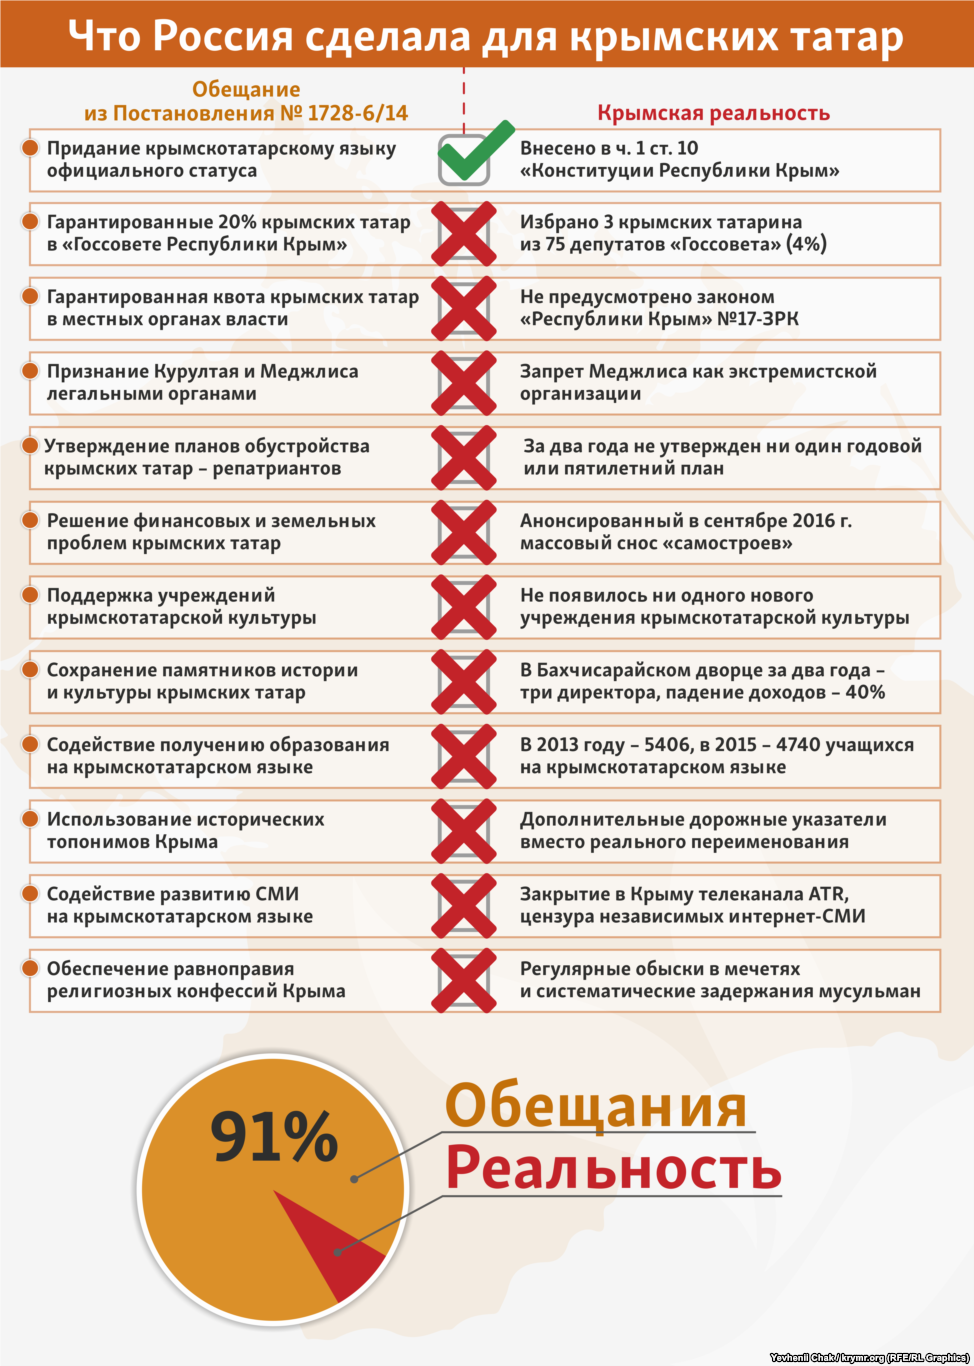 Російські окупанти не виконали 91% обіцянок кримським татарам, - ЗМІ - фото 1